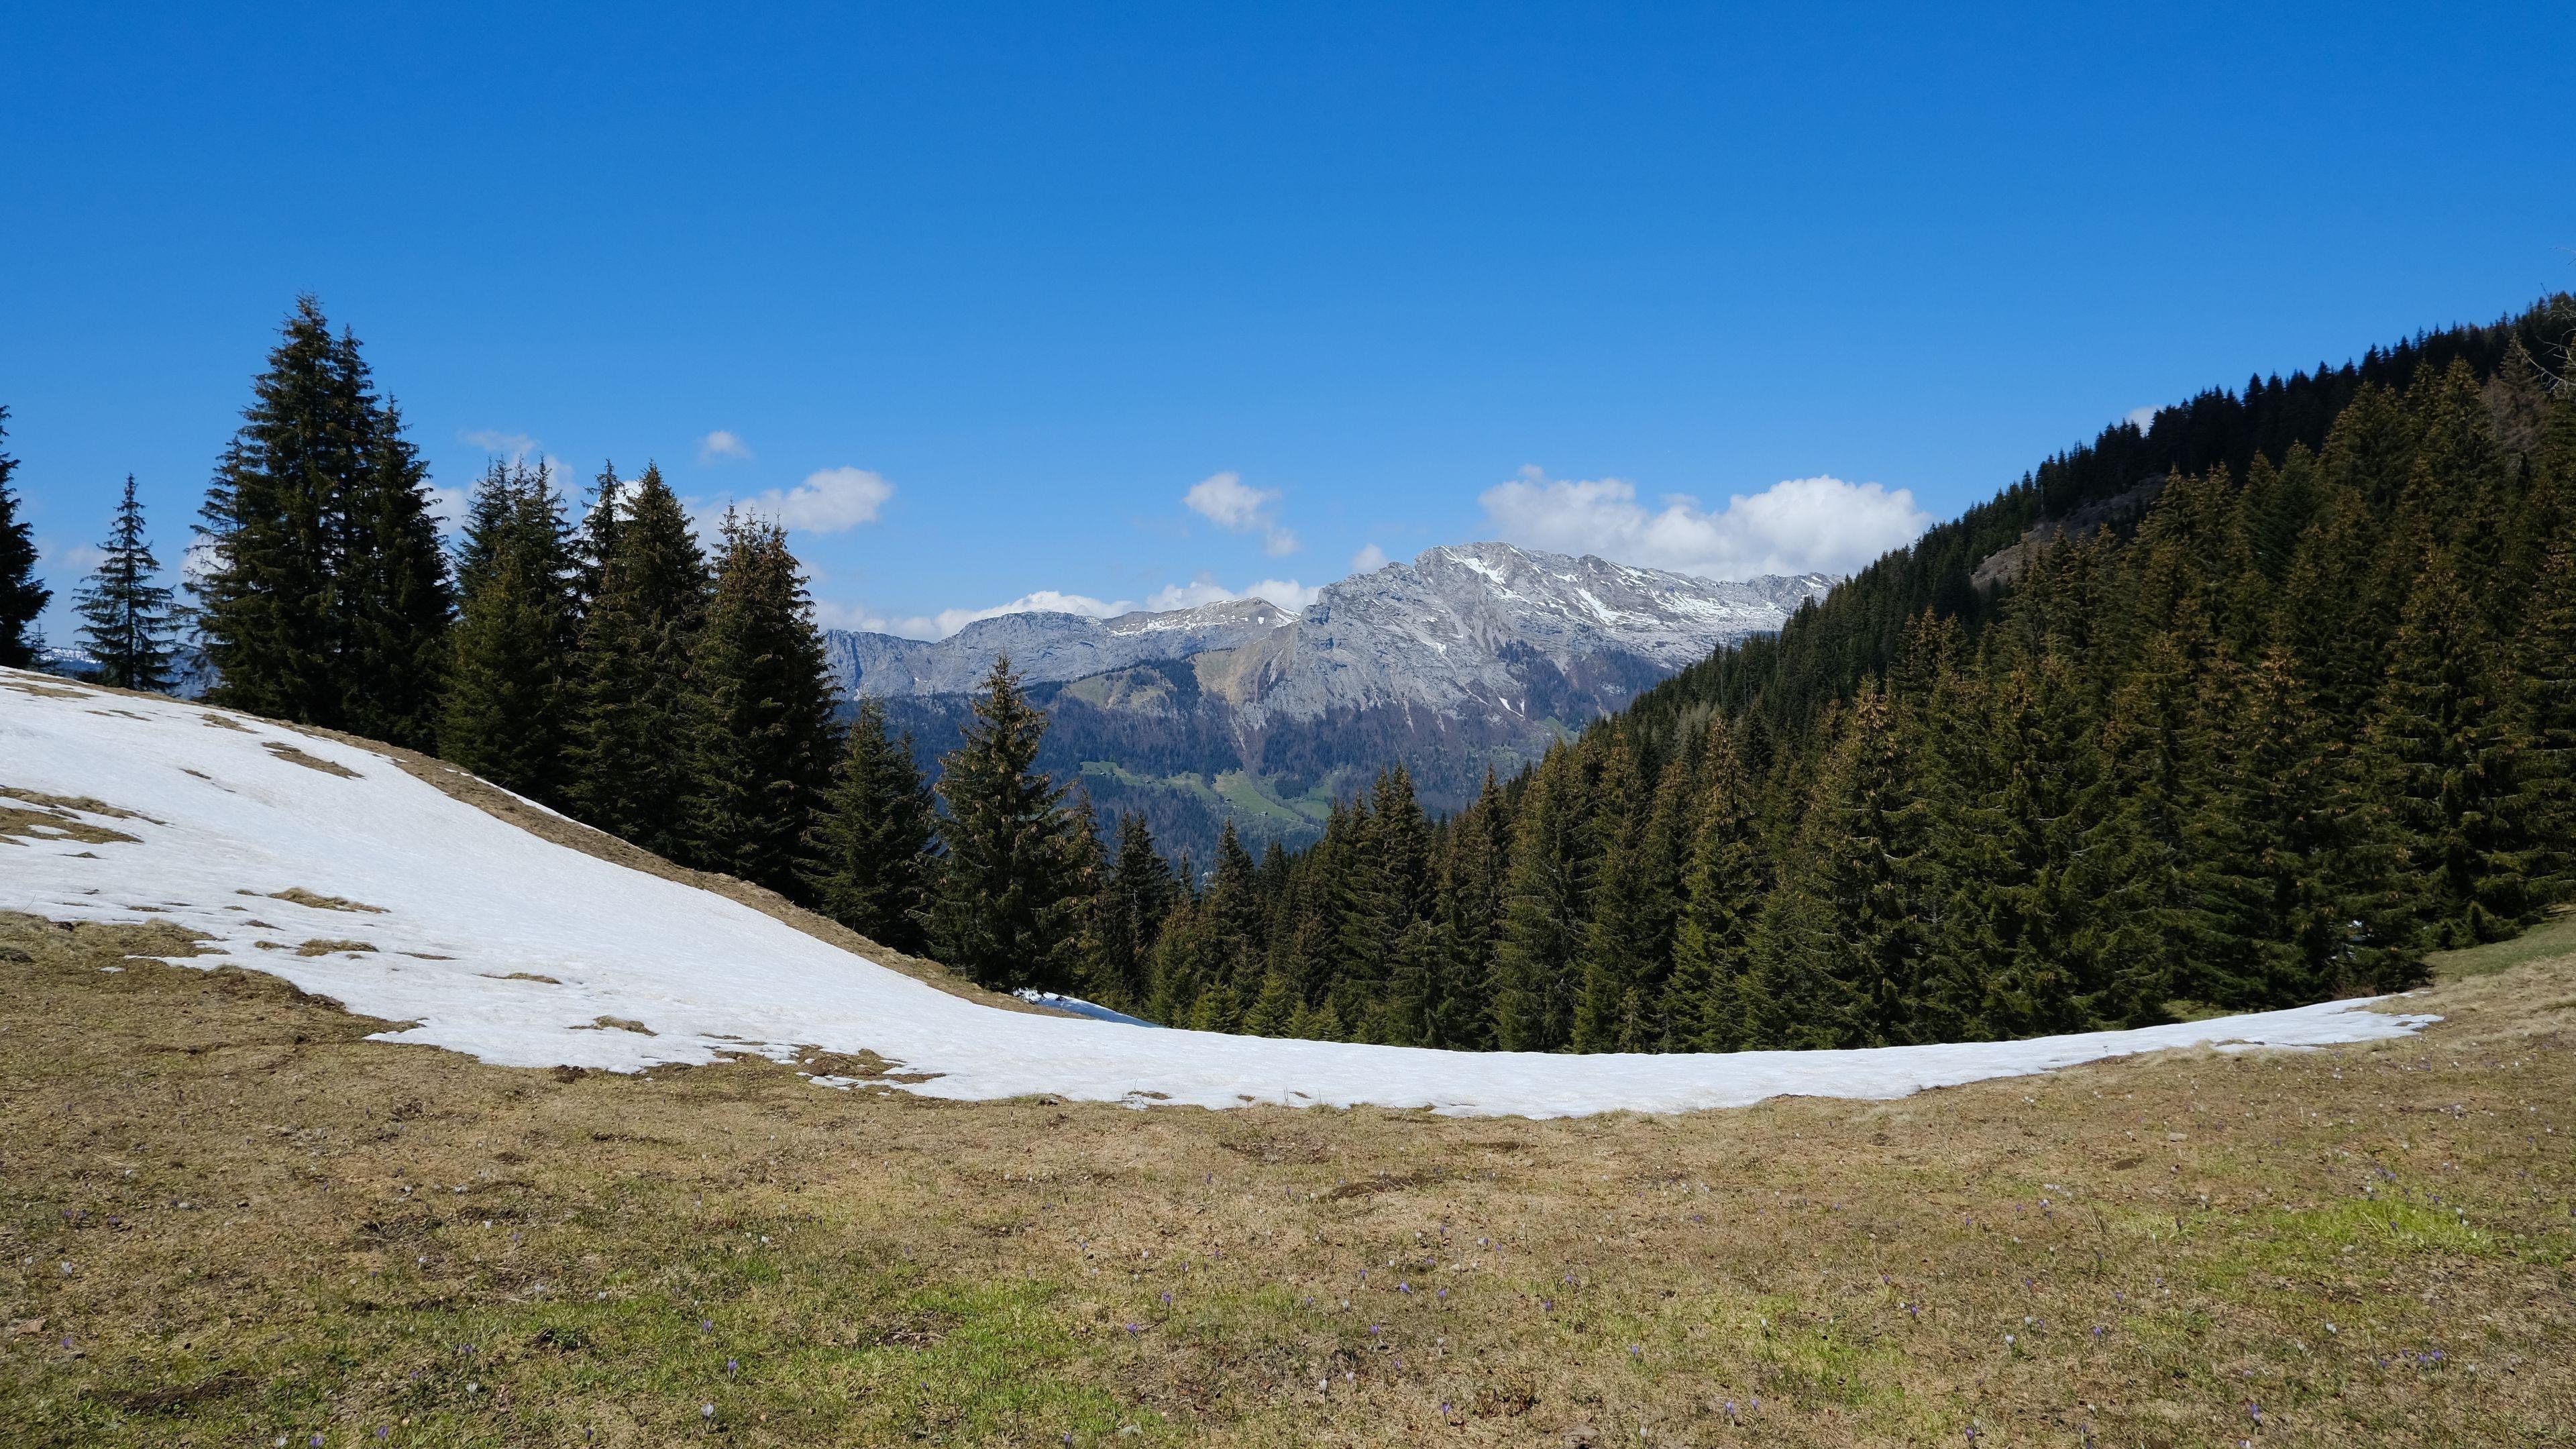 Заснеженный пейзаж горы долина деревья лес под голубым небом природа обои скачать